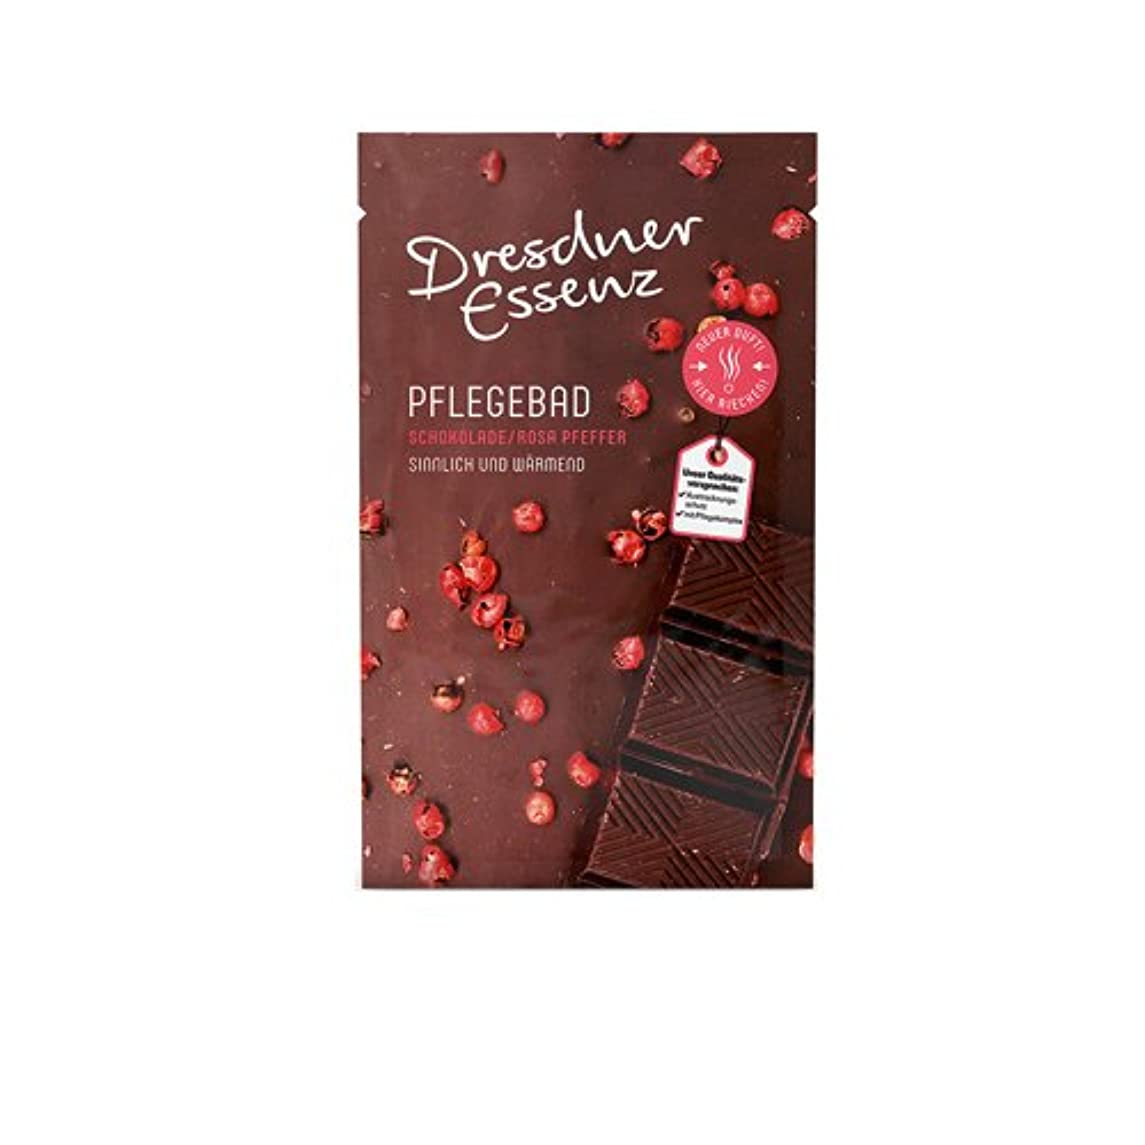 閲覧するコンドームナプキンドレスナーエッセンス バスエッセンス チョコレートピンクペッパー《正規輸入品》